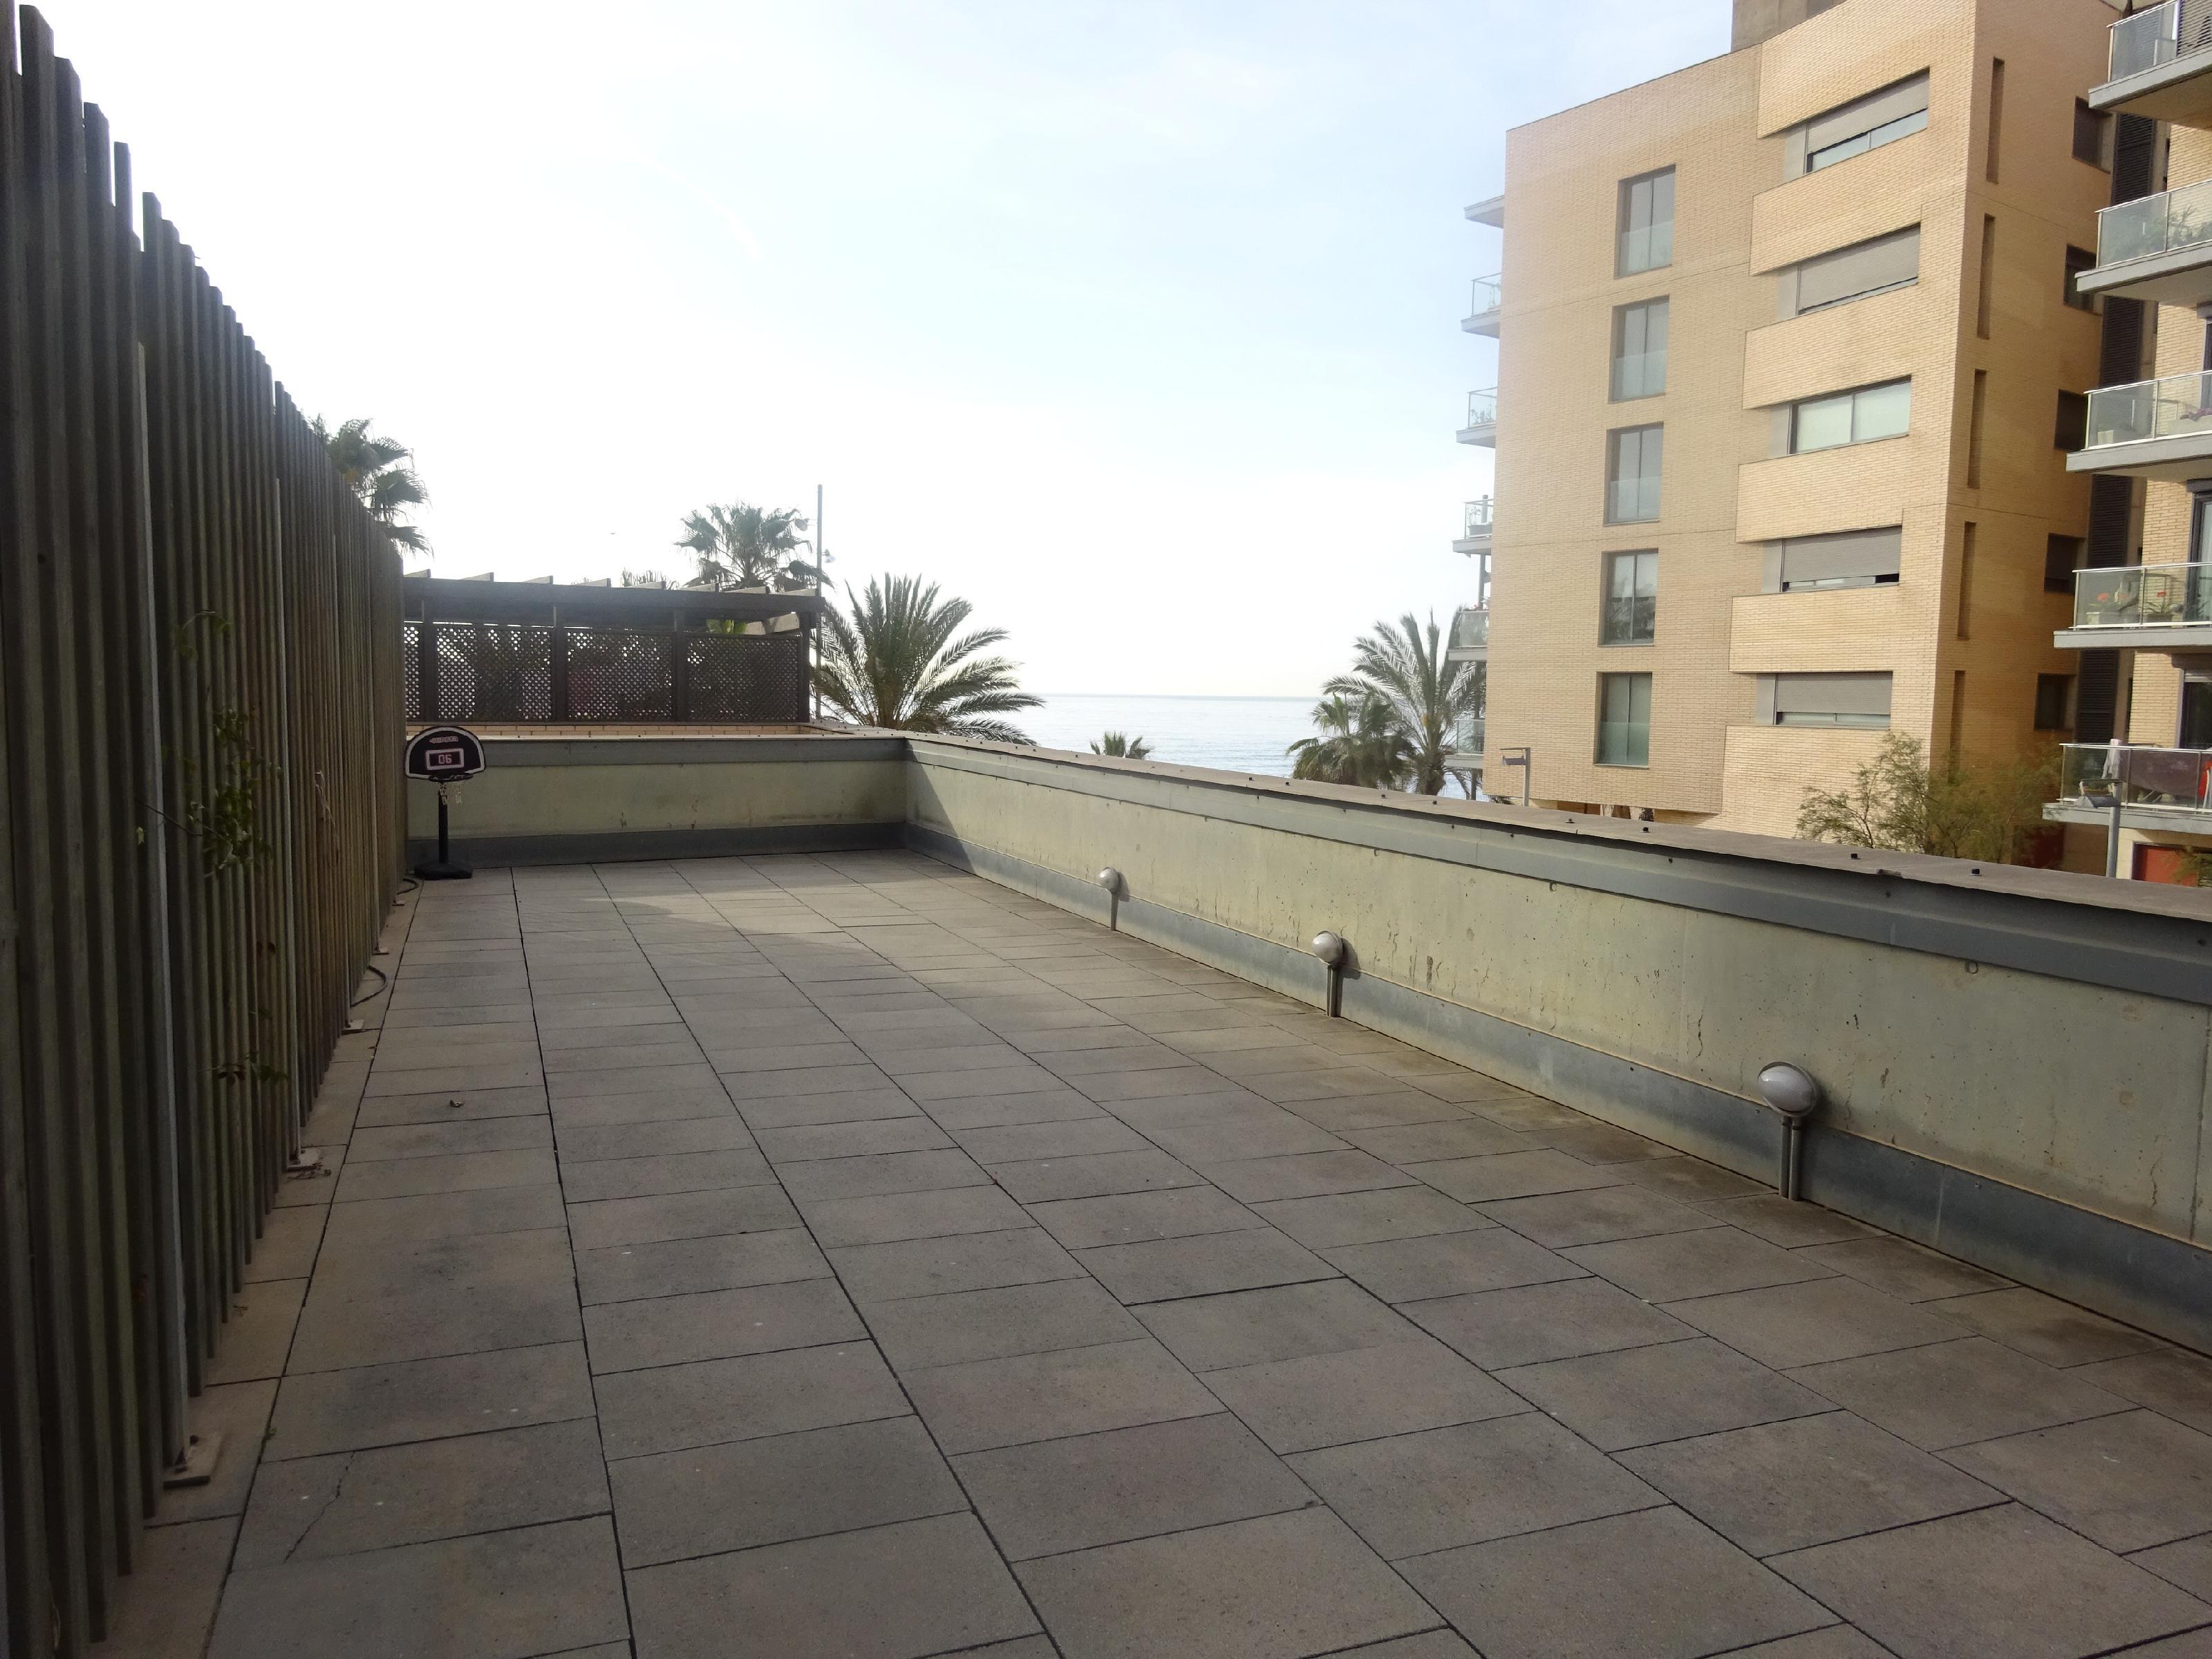 Imagen 2 Piso en venta en Badalona / Front Marítim, vivienda situada en 1ra. Linea de Mar.